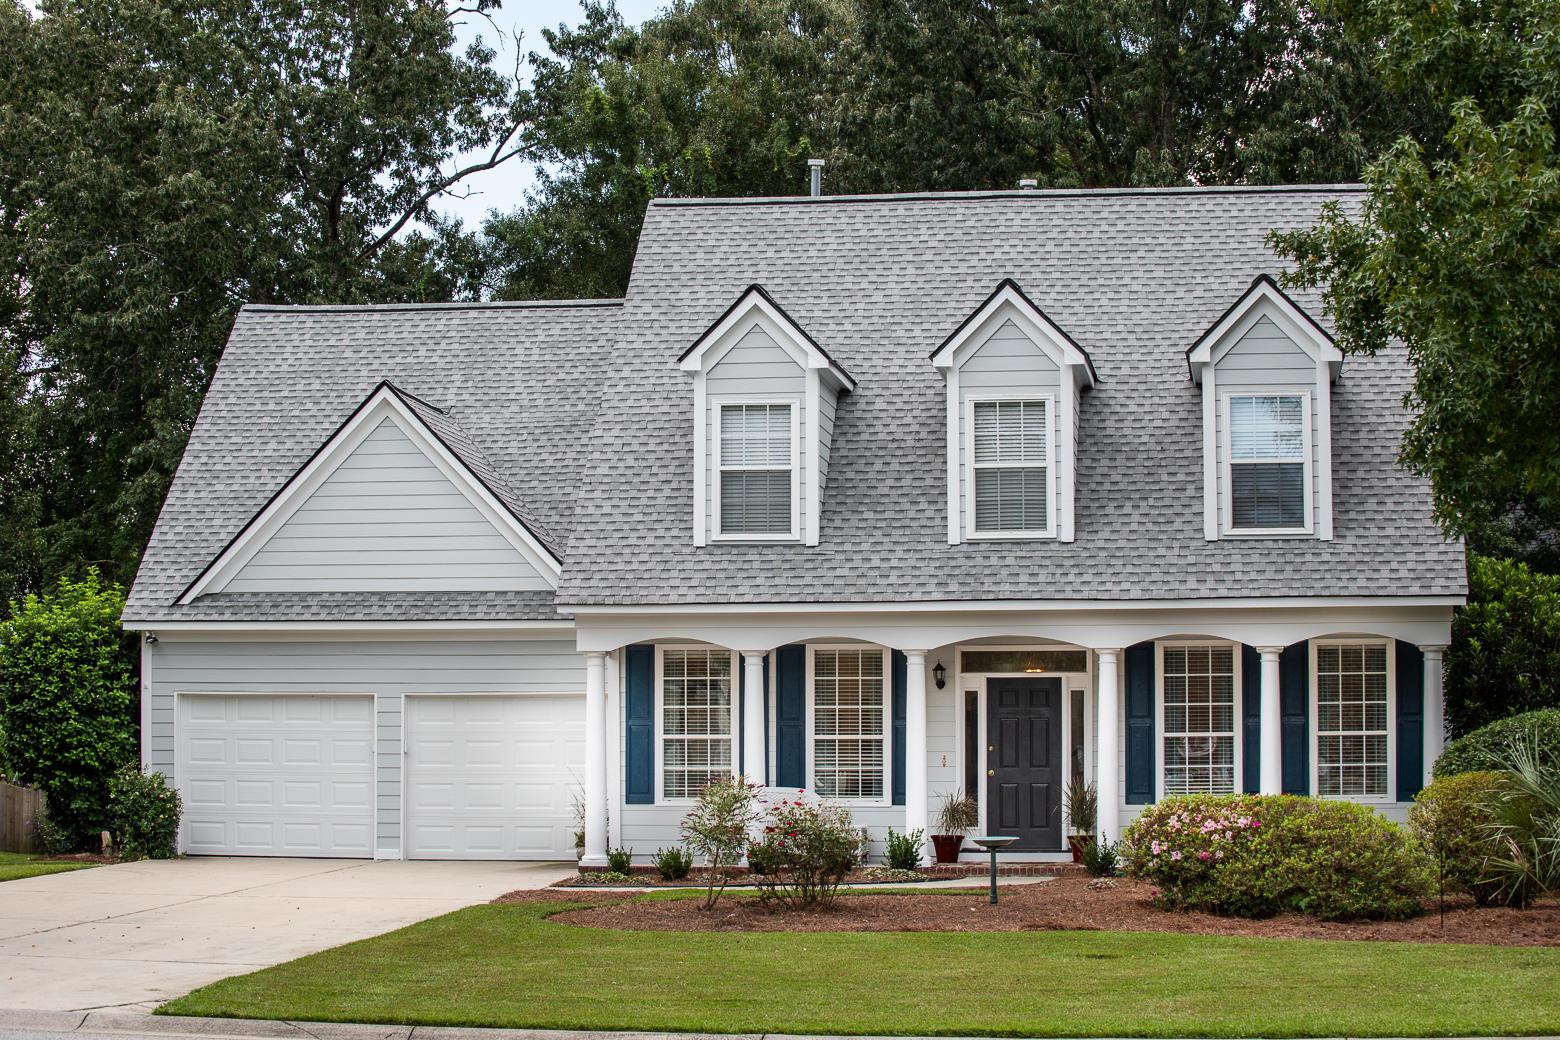 Dunes West Homes For Sale - 1111 Black Rush, Mount Pleasant, SC - 16